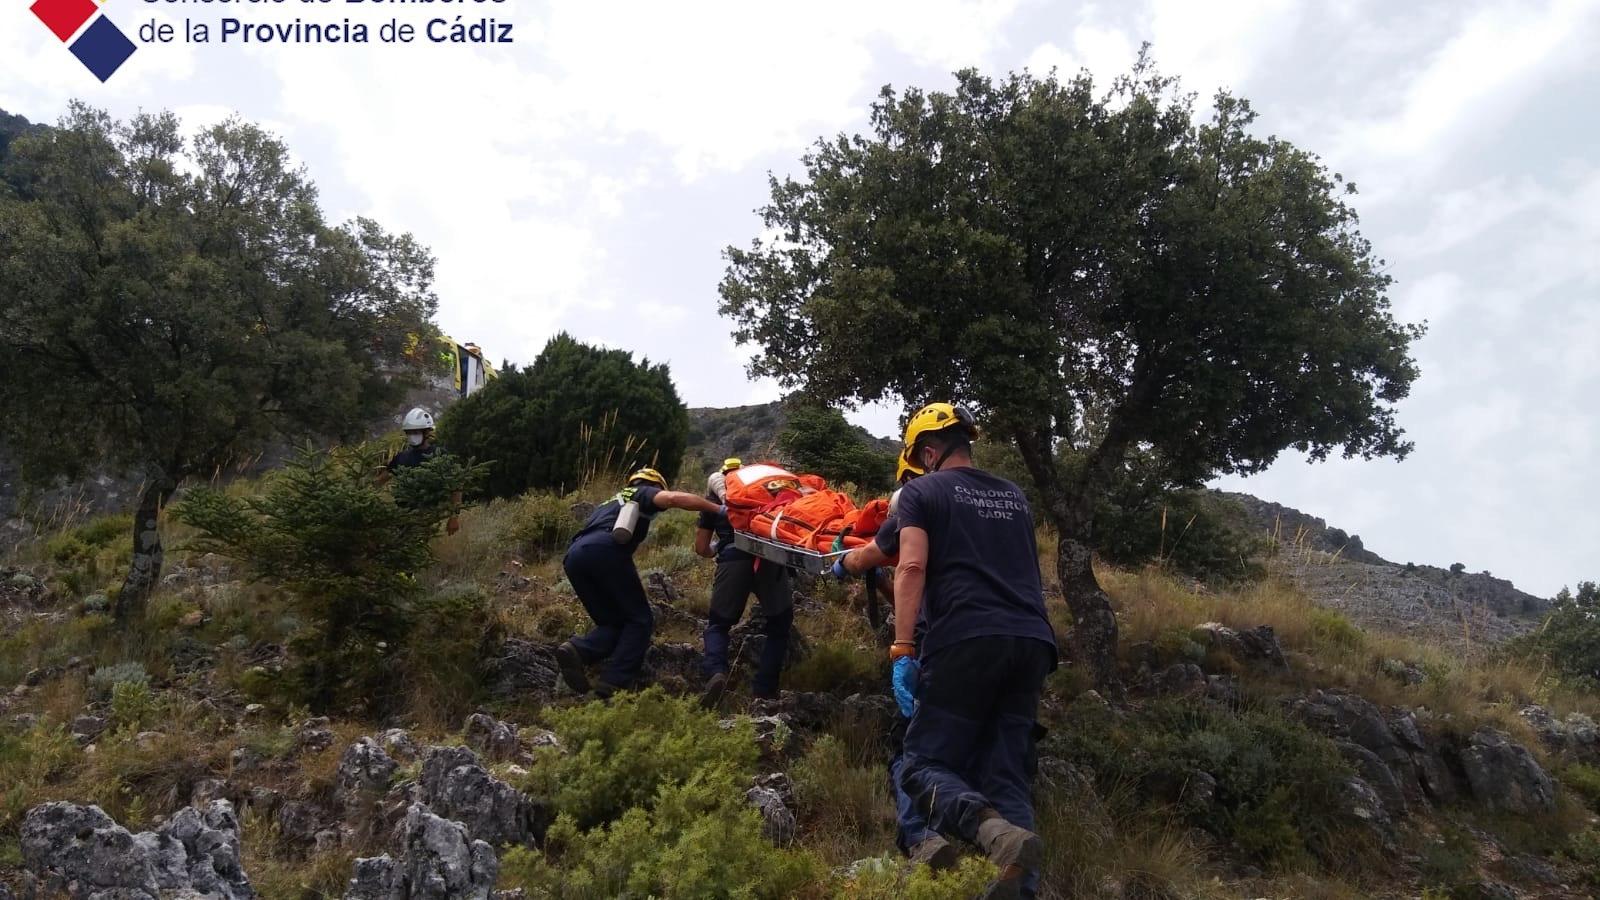 Bomberos del grupo de montaña de Ubrique rescatan el cadáver de un ciclista fallecido en el Puerto de las Palomas